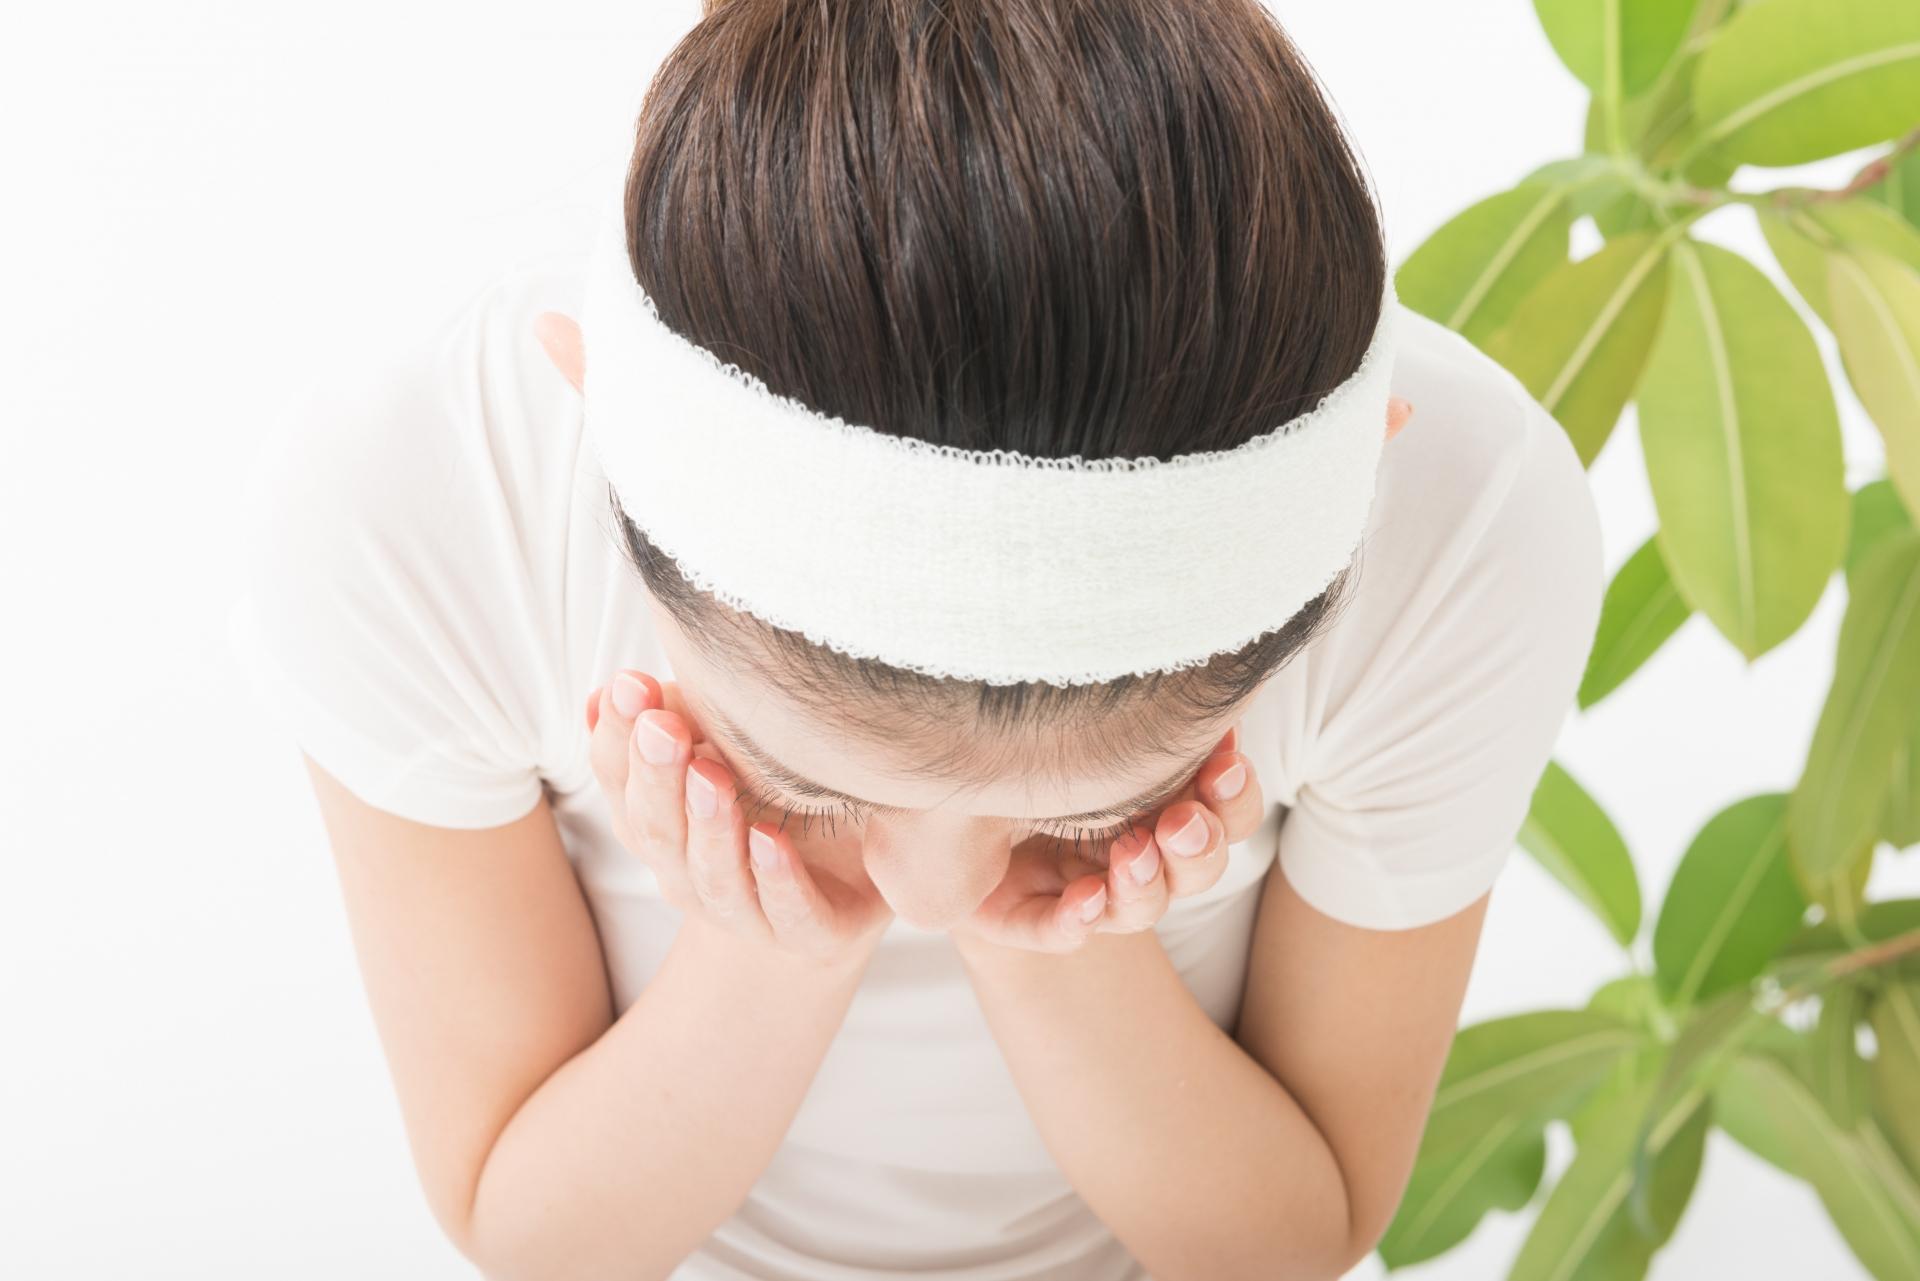 3f34afa381caf450b9050c9ca008b57a m ニキビを予防したいなら、洗顔料に気をつけるべし!